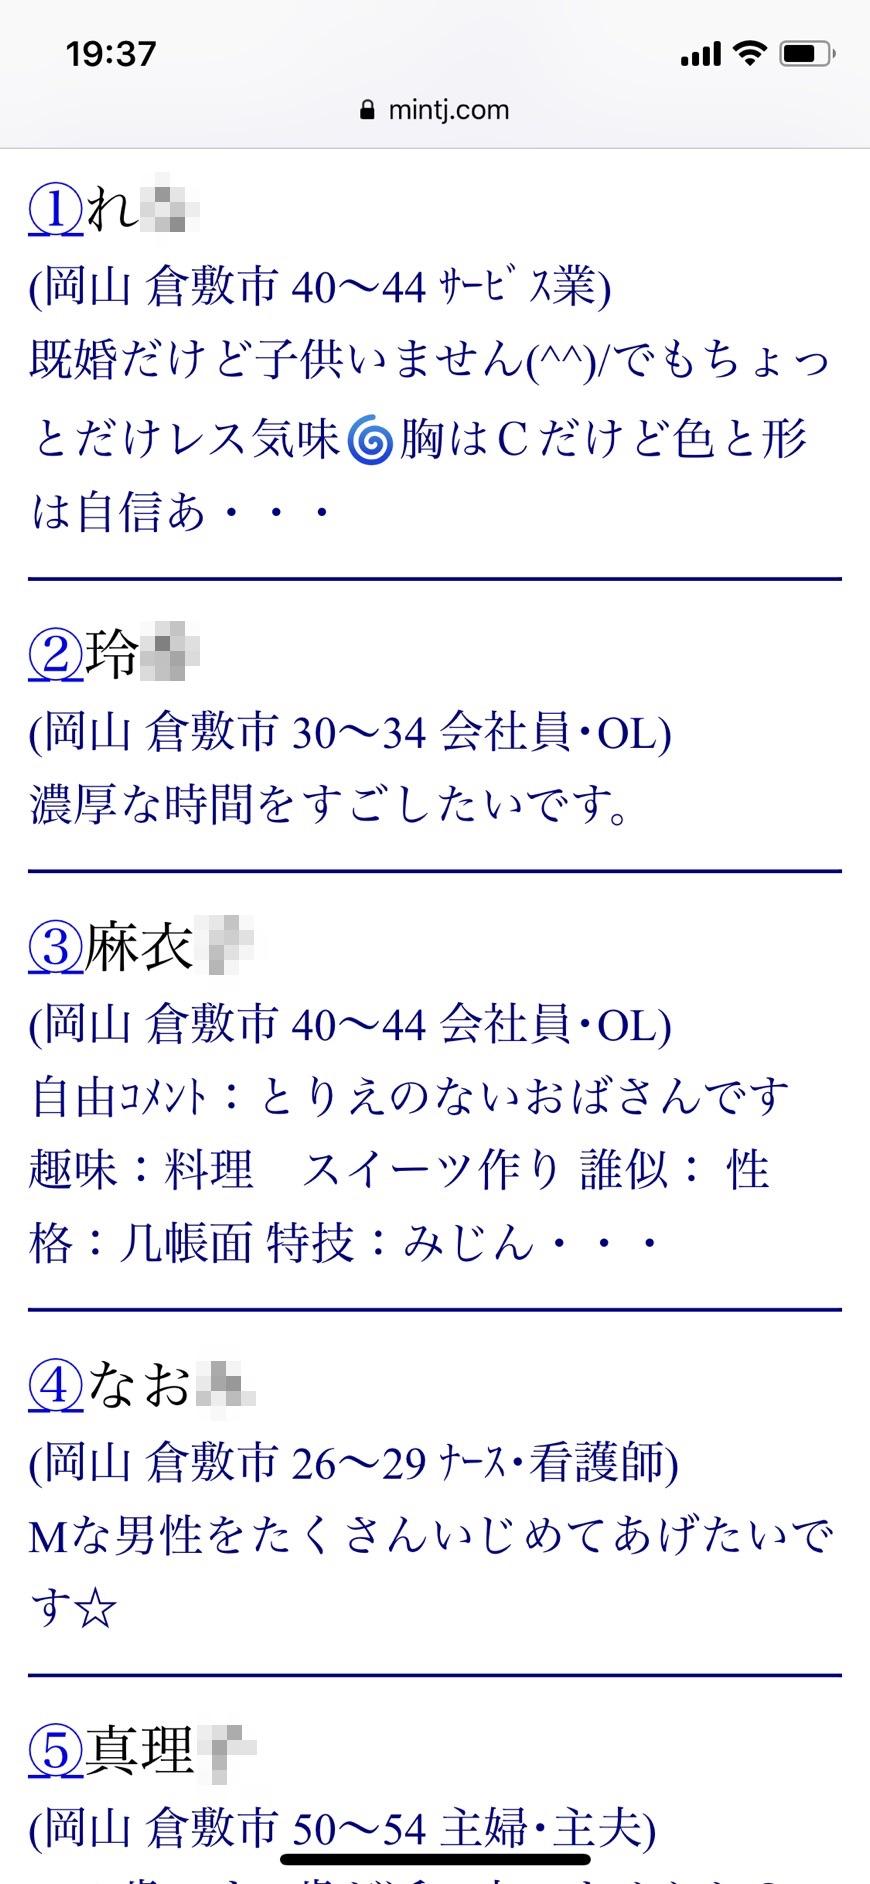 倉敷・エッチ(Jメール)